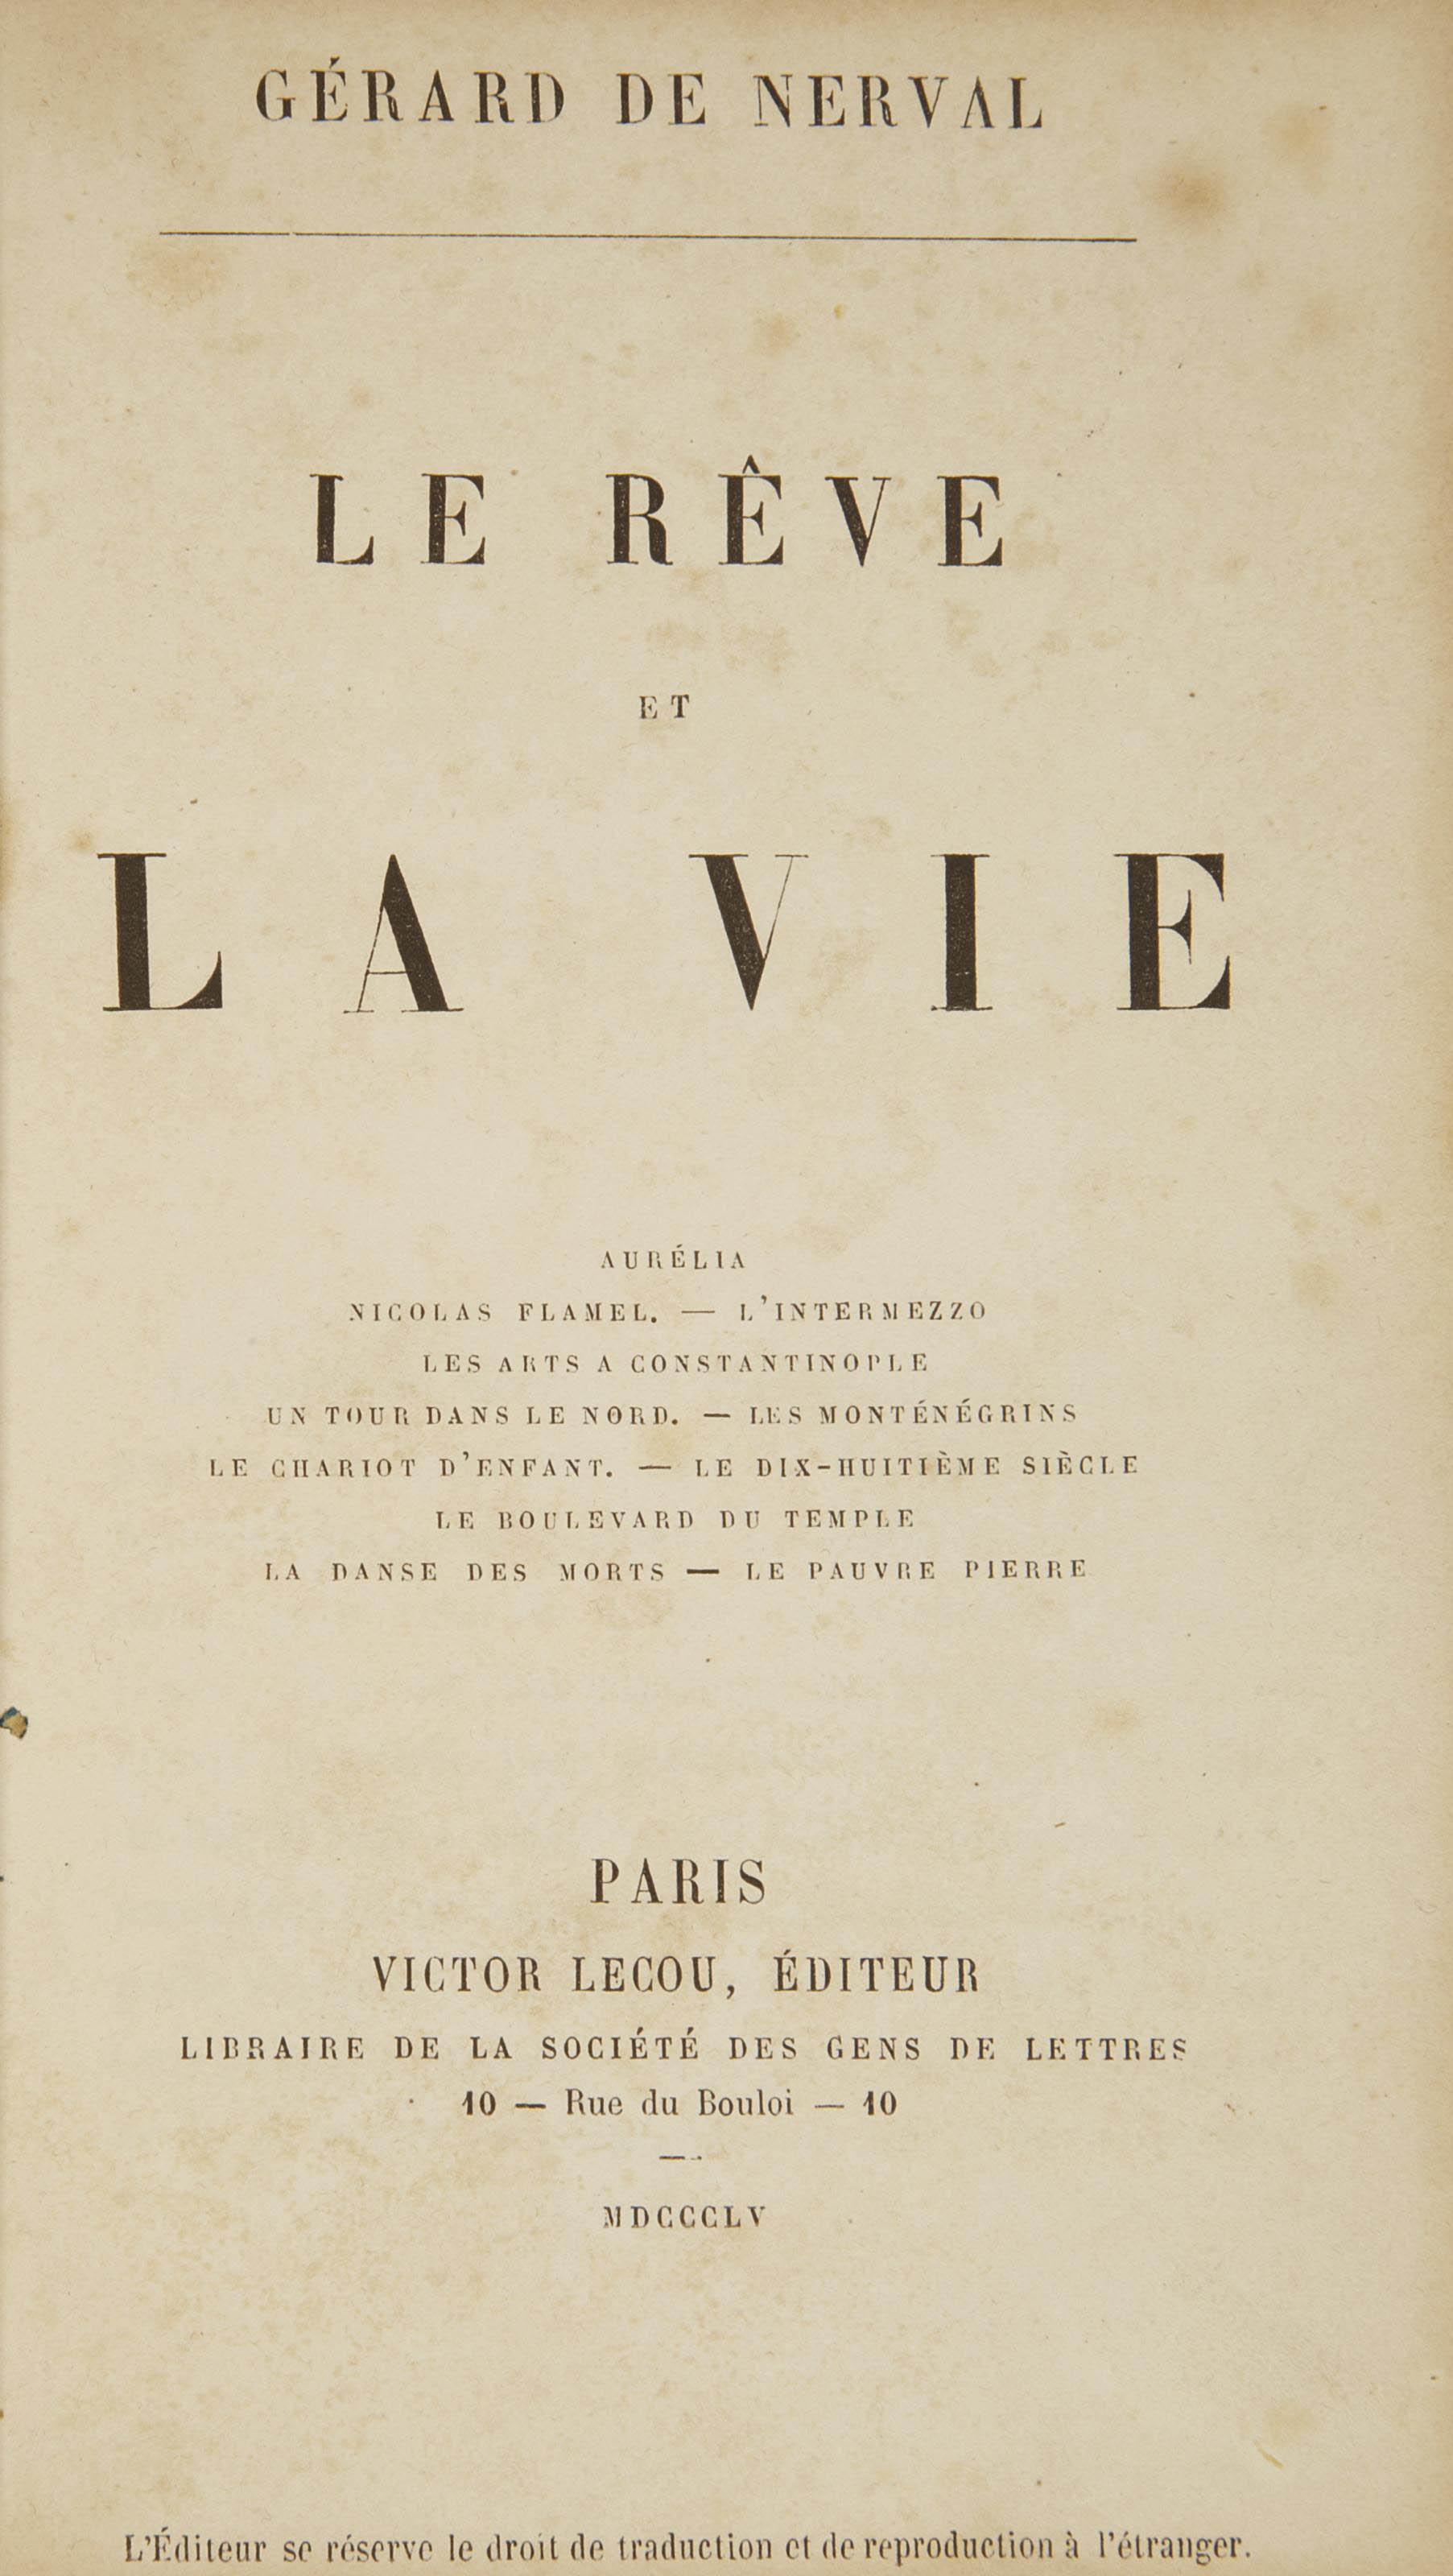 NERVAL, Gérard de (1808-1855). Scènes de la vie orientale. Les Femmes du Caire - Les Femmes du Liban. Paris: Hippolyte Souverain, 1850.